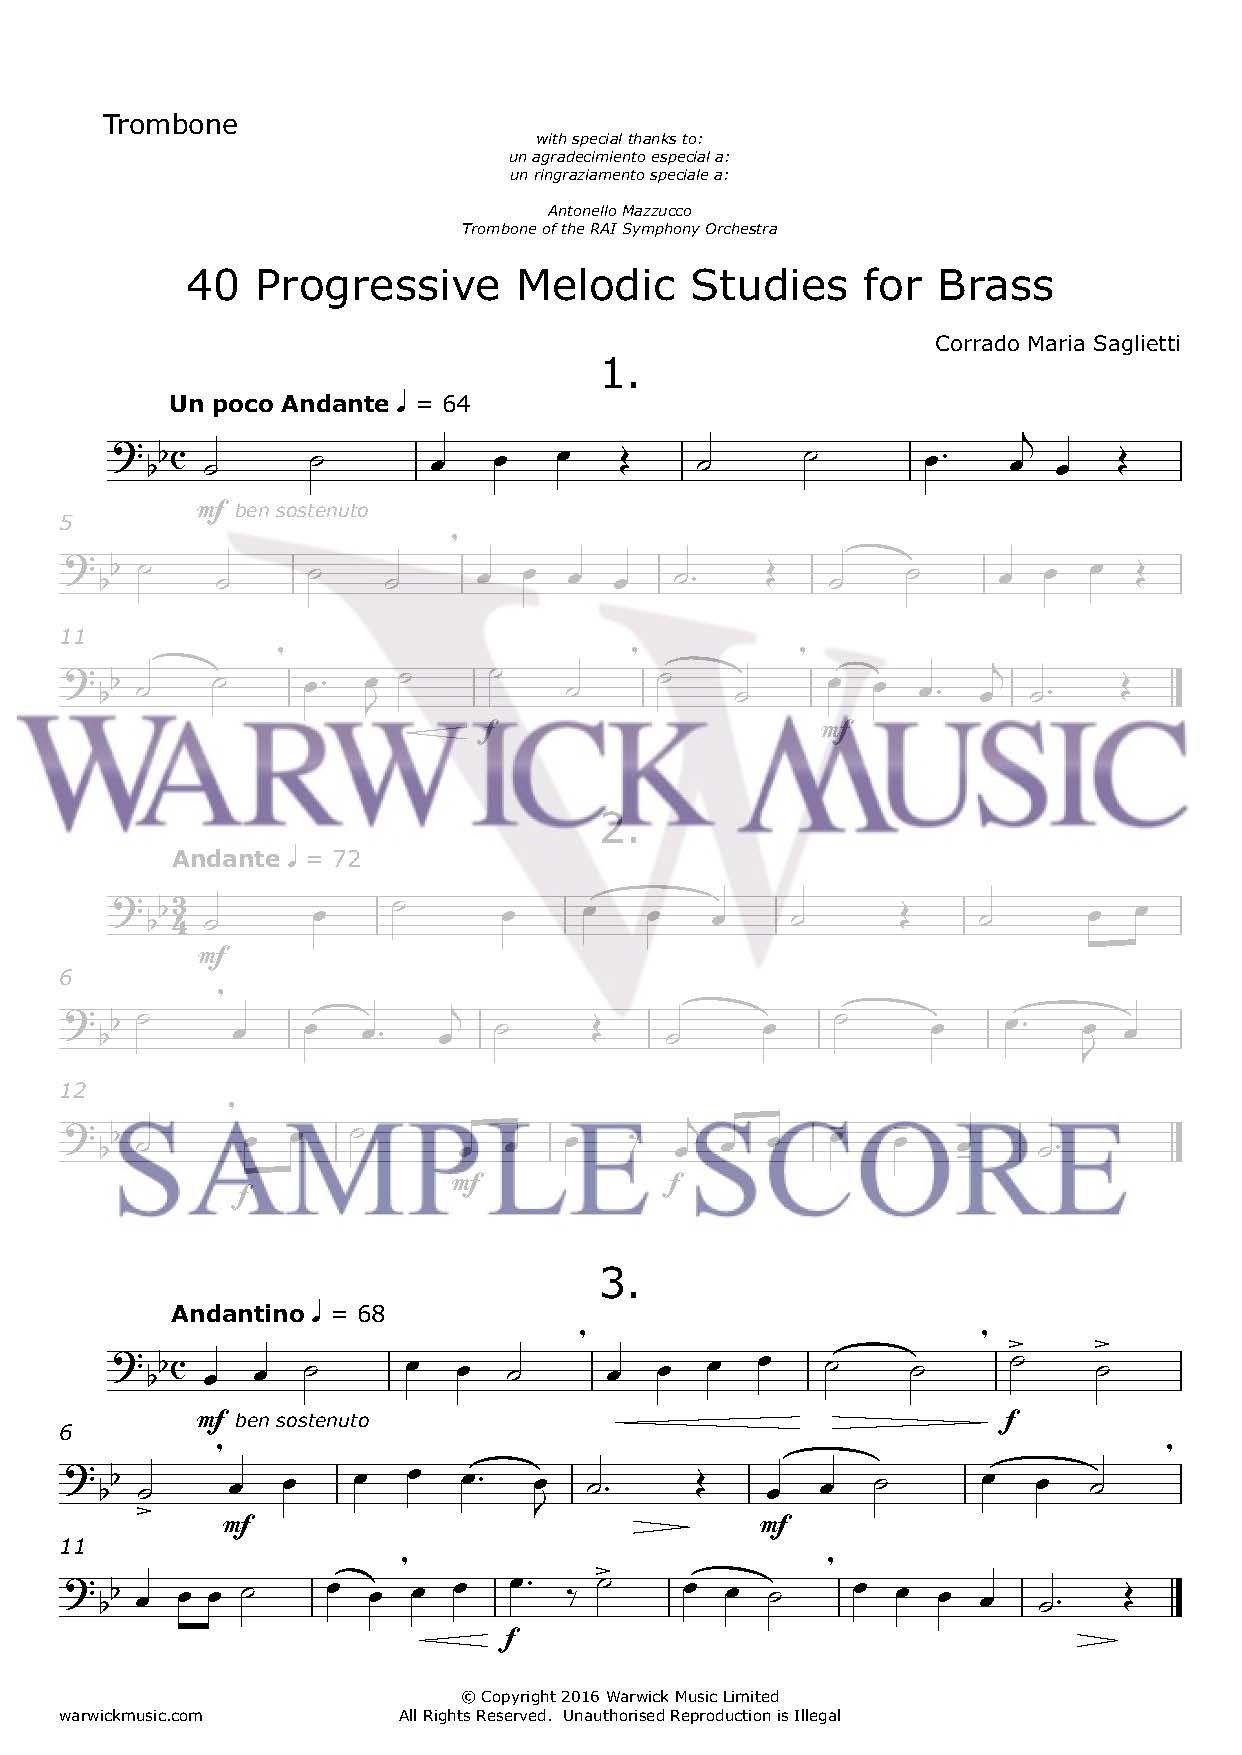 Corrado Maria Saglietti: 40 Progressive Melodic Studies for Brass: Trombone